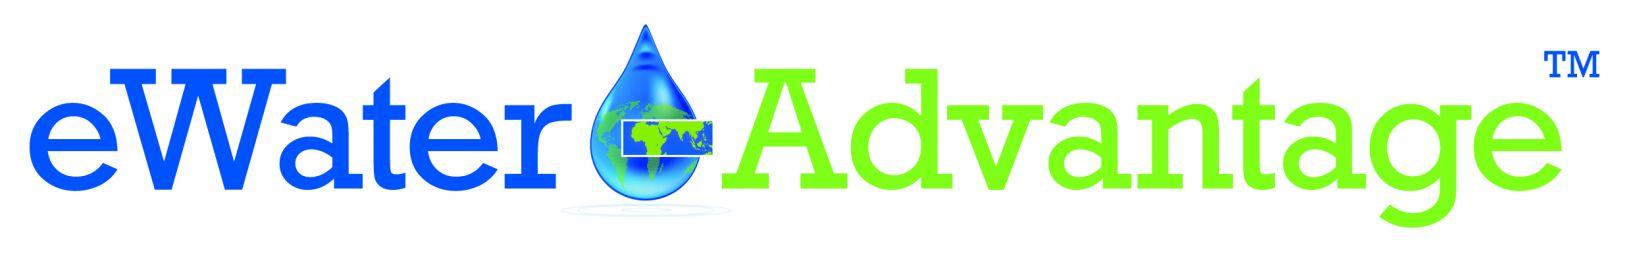 eWater Advantage Logo